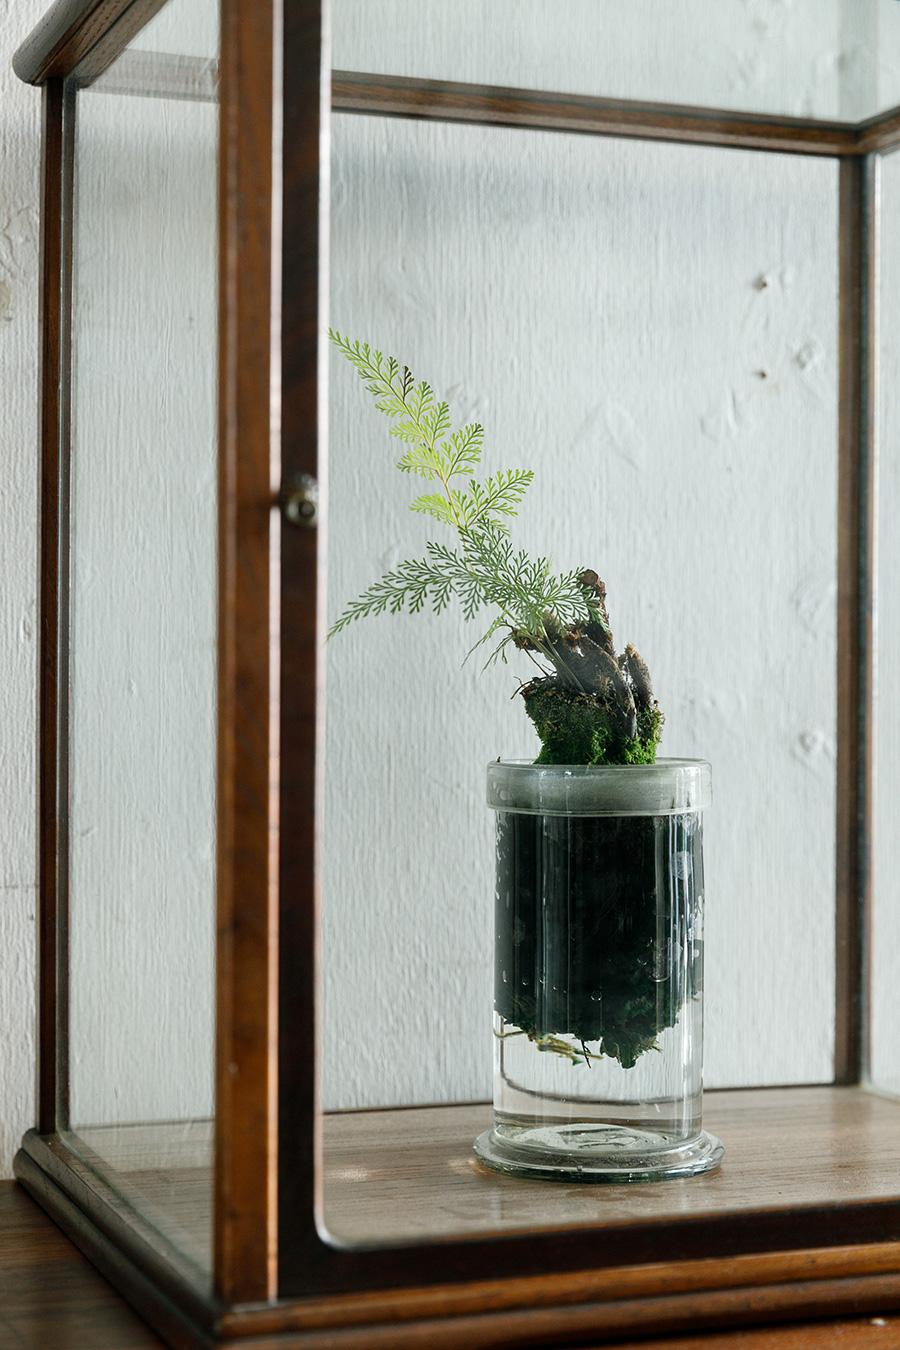 西洋シノブの水耕栽培。繊細な葉の美しさを楽しみたい。和を感じさせる植物なので、ディスプレイの工夫のしがいもある。